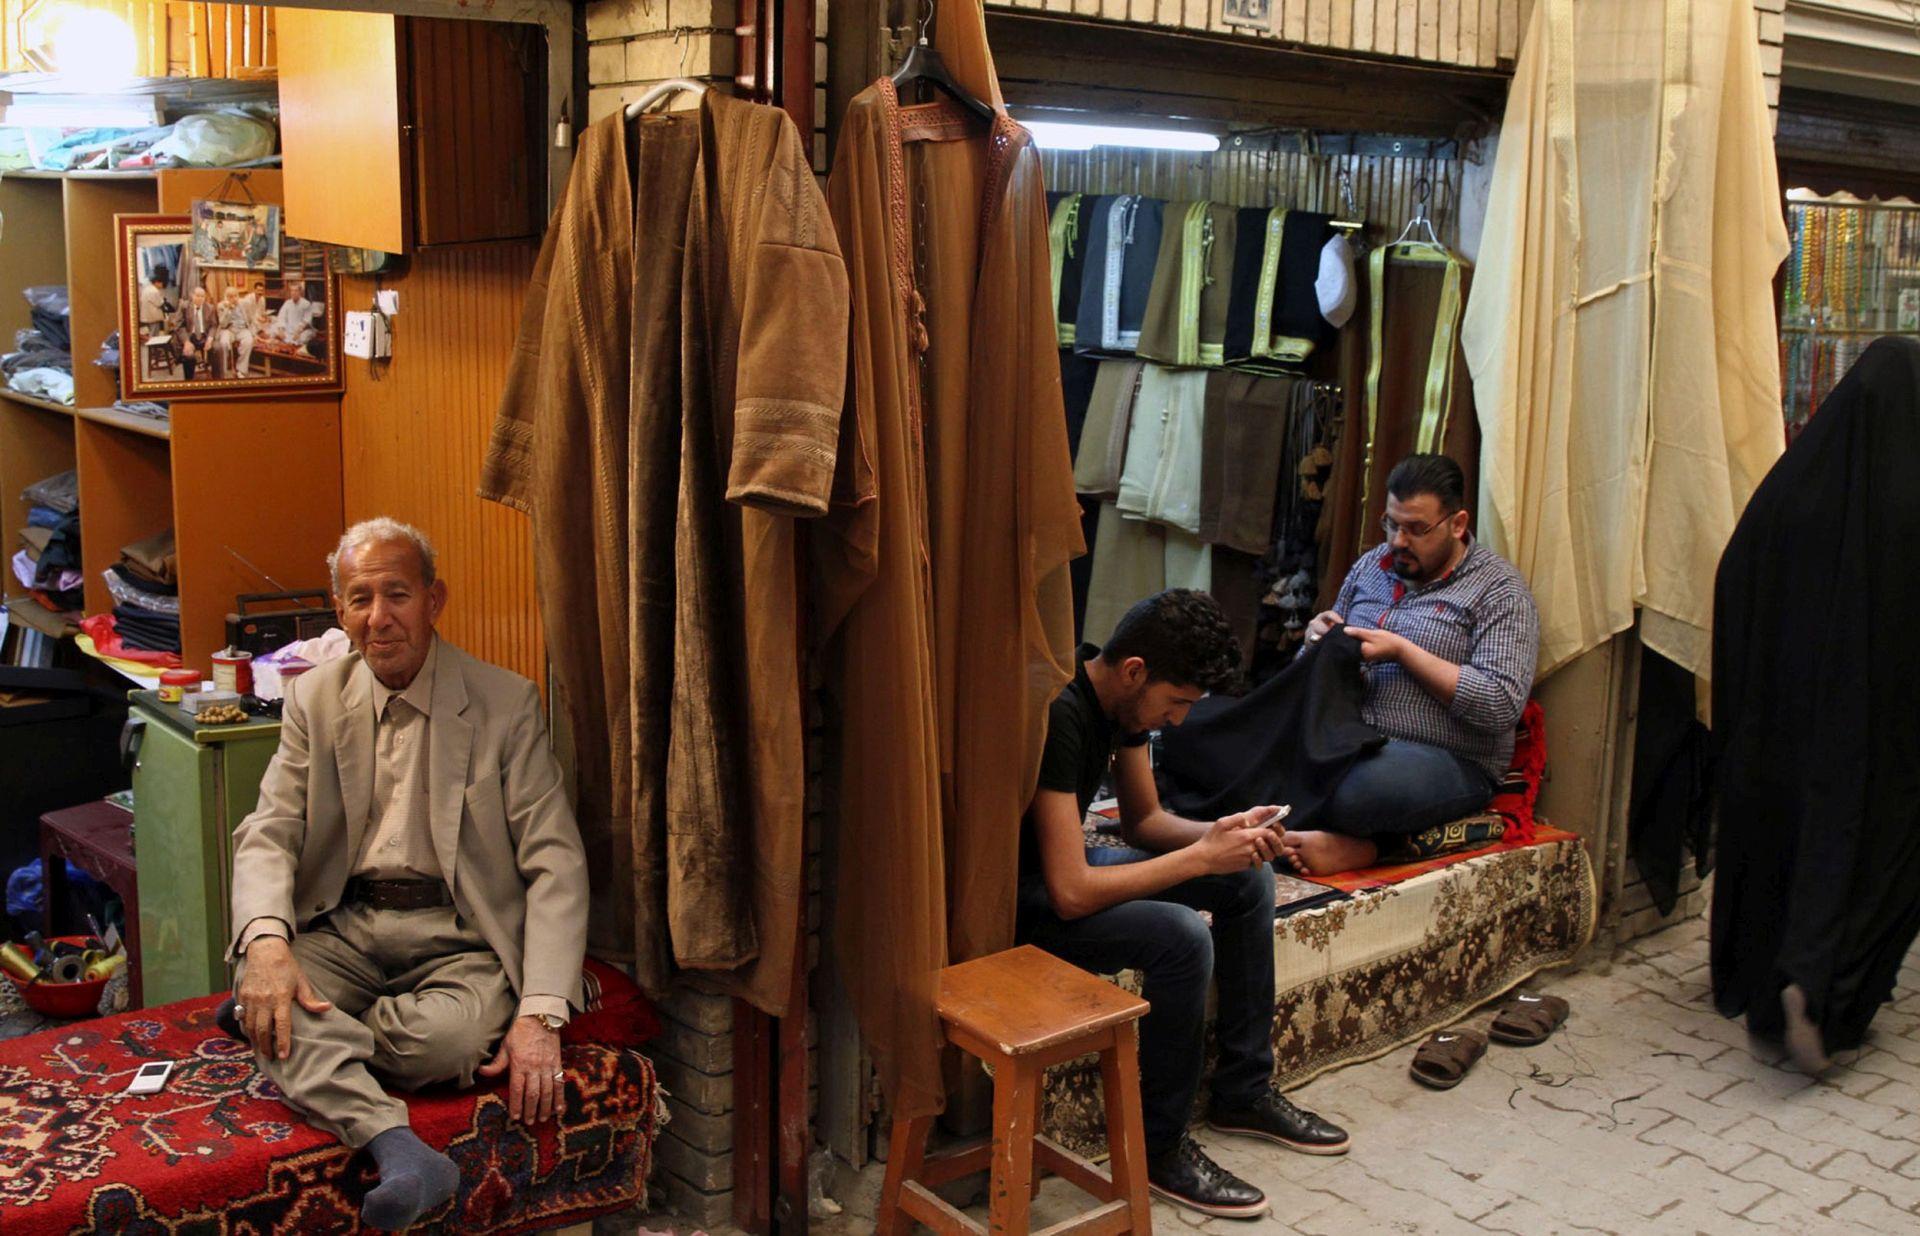 IRAČKI PARLAMENT: Izglasana zabrana prodaje, uvoza i proizvodnje alkohola